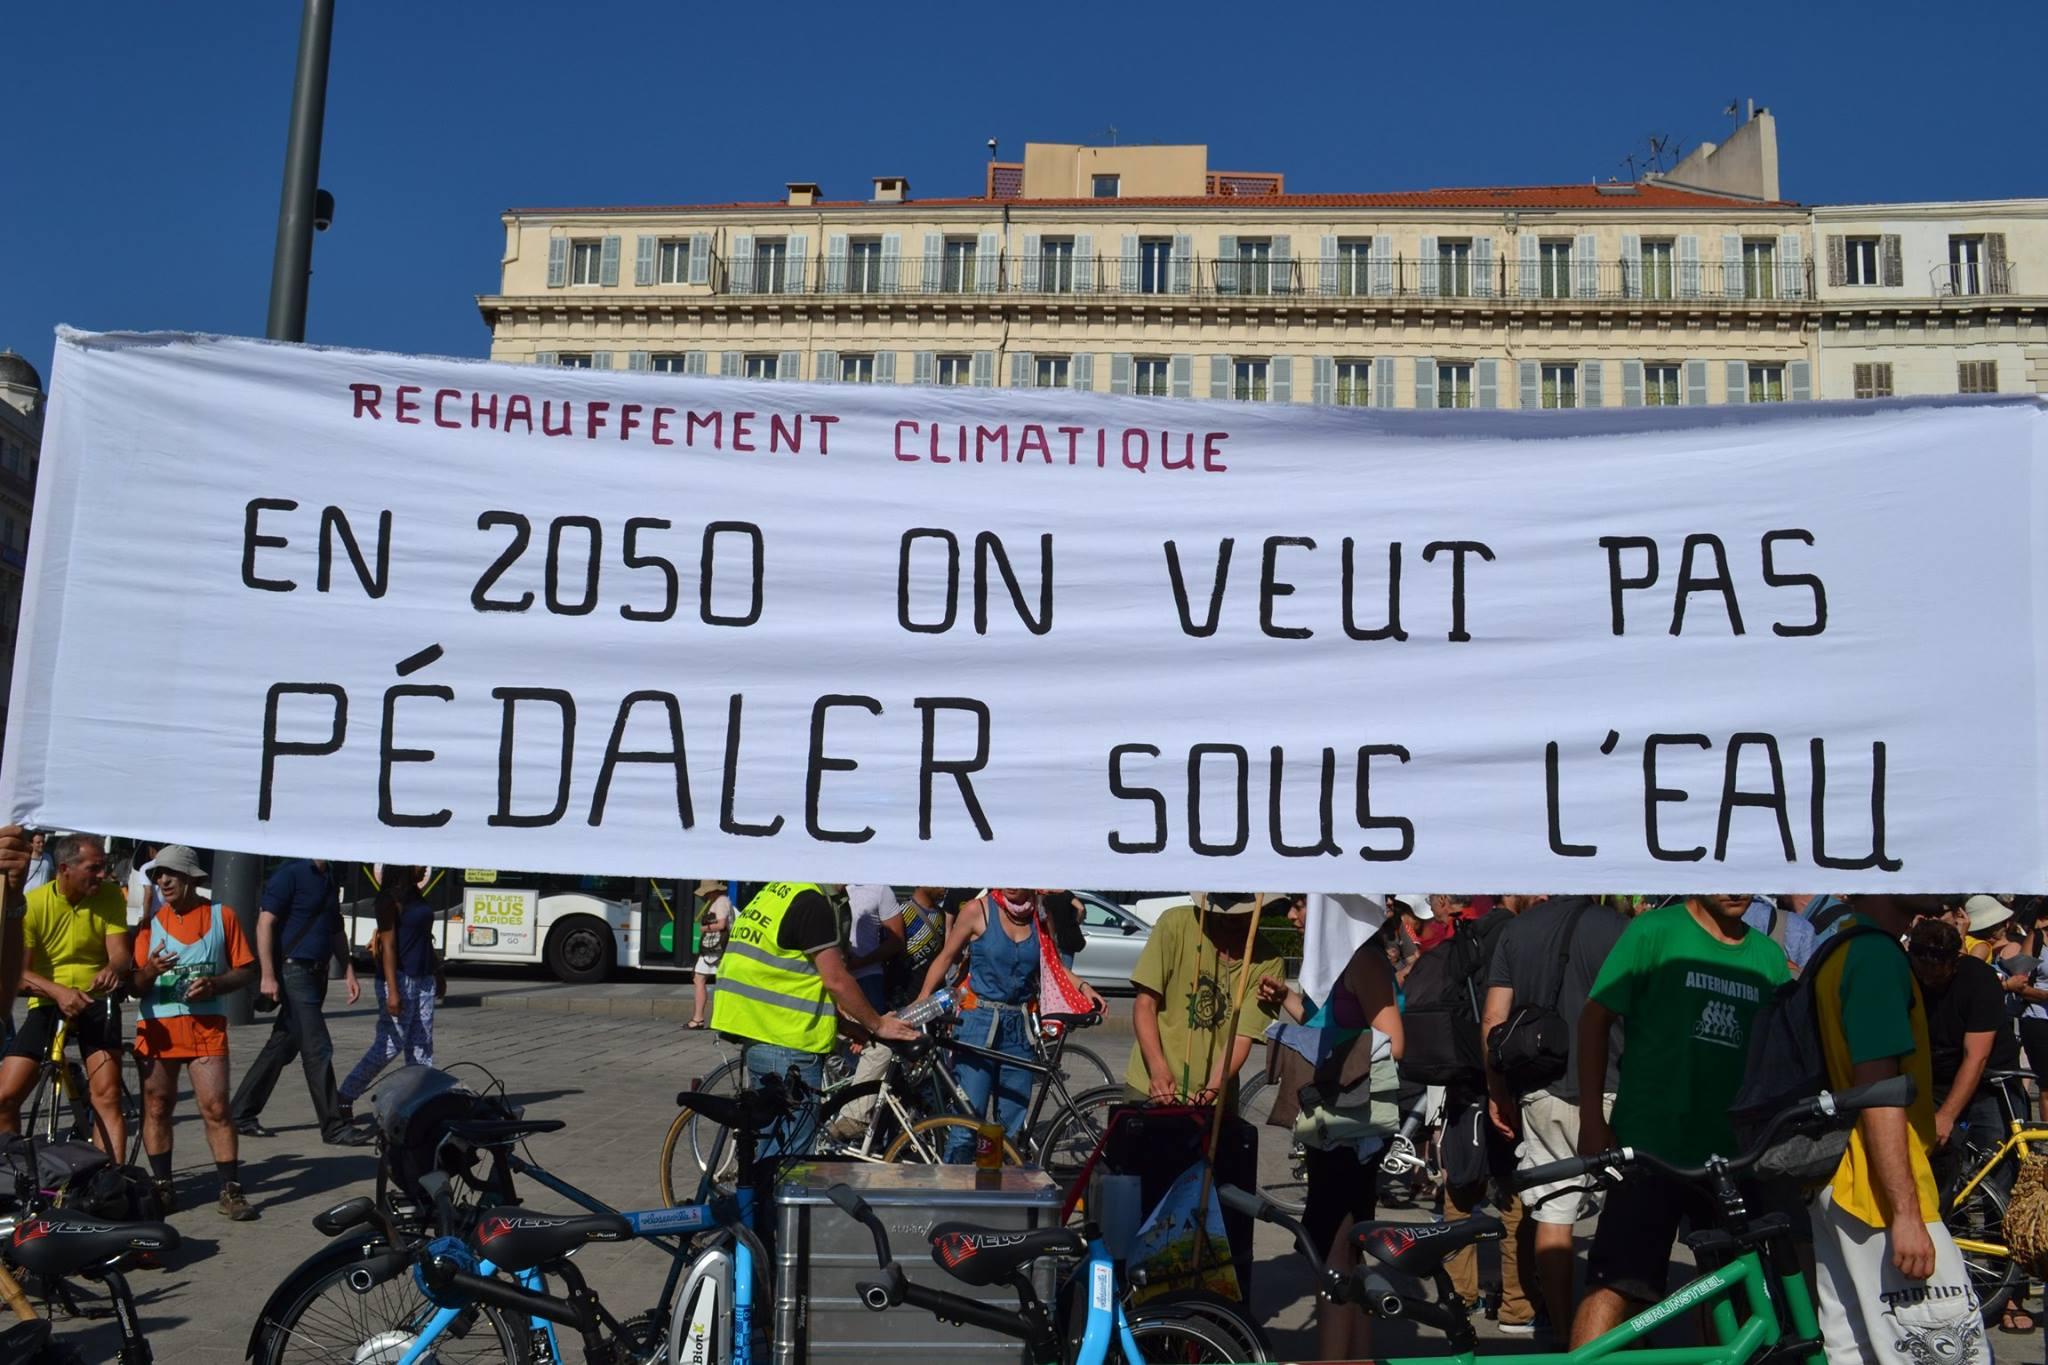 Johanna et Catherine en vert et contre tout à la chaîne humaine pour le climat à Marseille